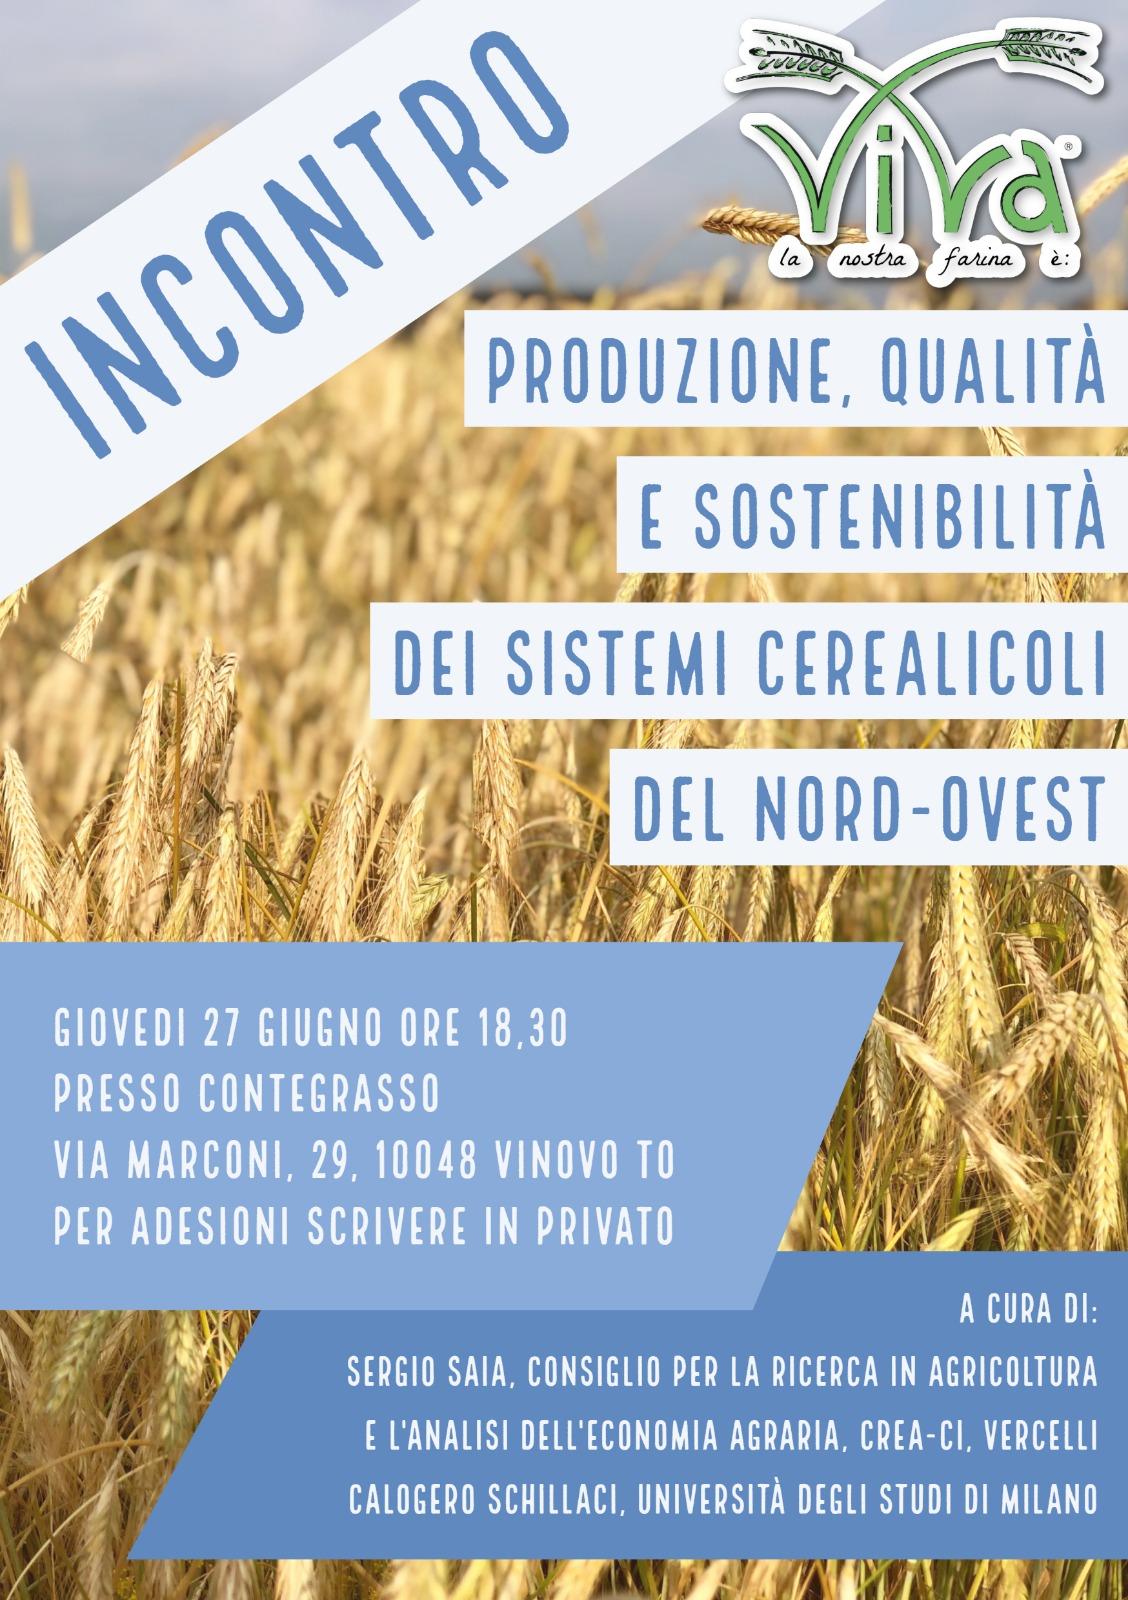 Produzione, Qualità e Sostenibilità dei sistemi cerealicoli del Nord-Ovest